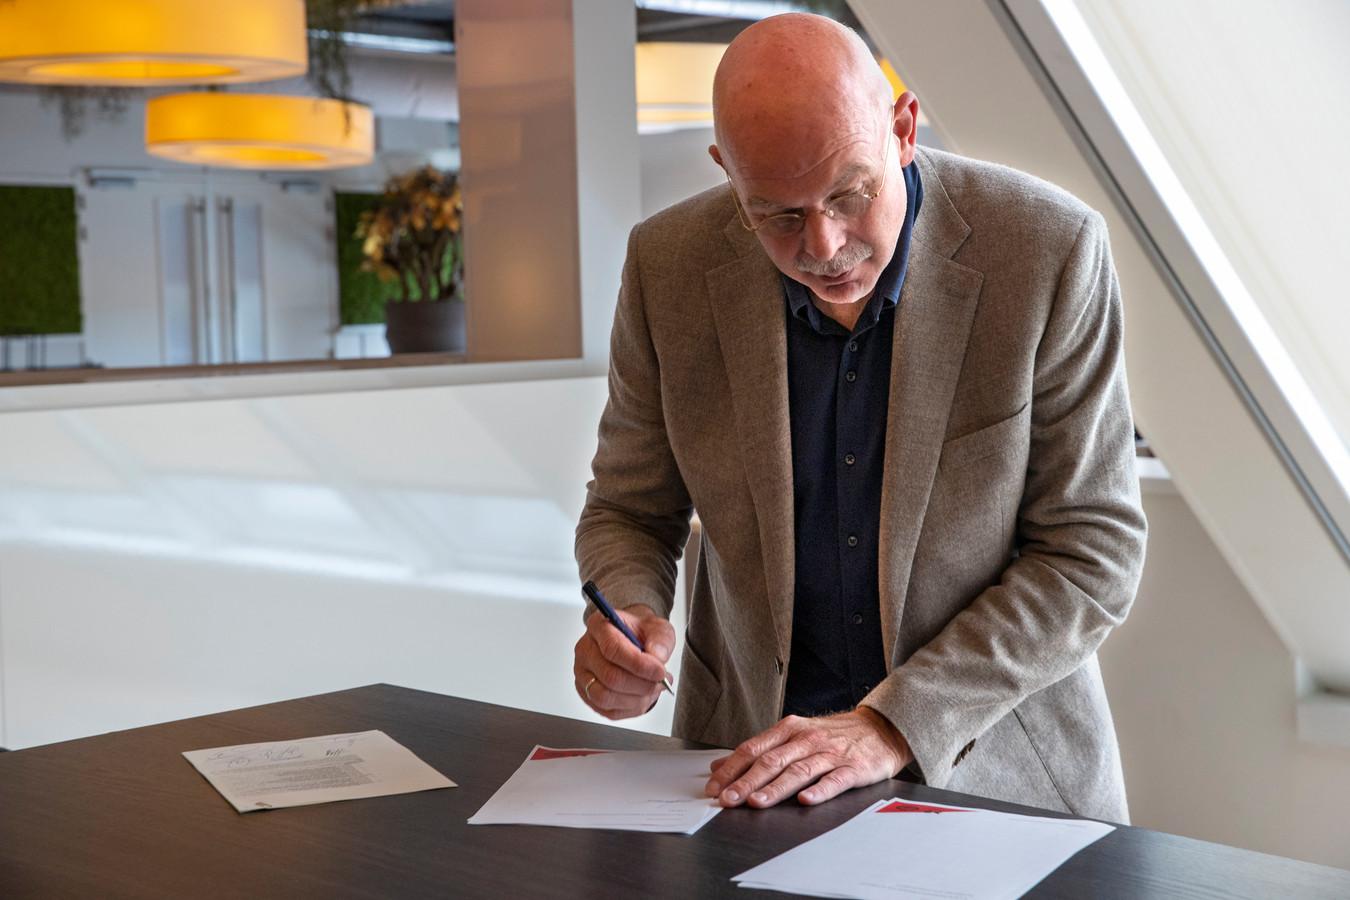 In het Philips Stadion ondertekende Toon Gerbrands onlangs met meerdere PSV-partners een contract voor een Brainport-fonds voor mensen die niet van het succes van de regio Zuidoost-Brabant profiteren.